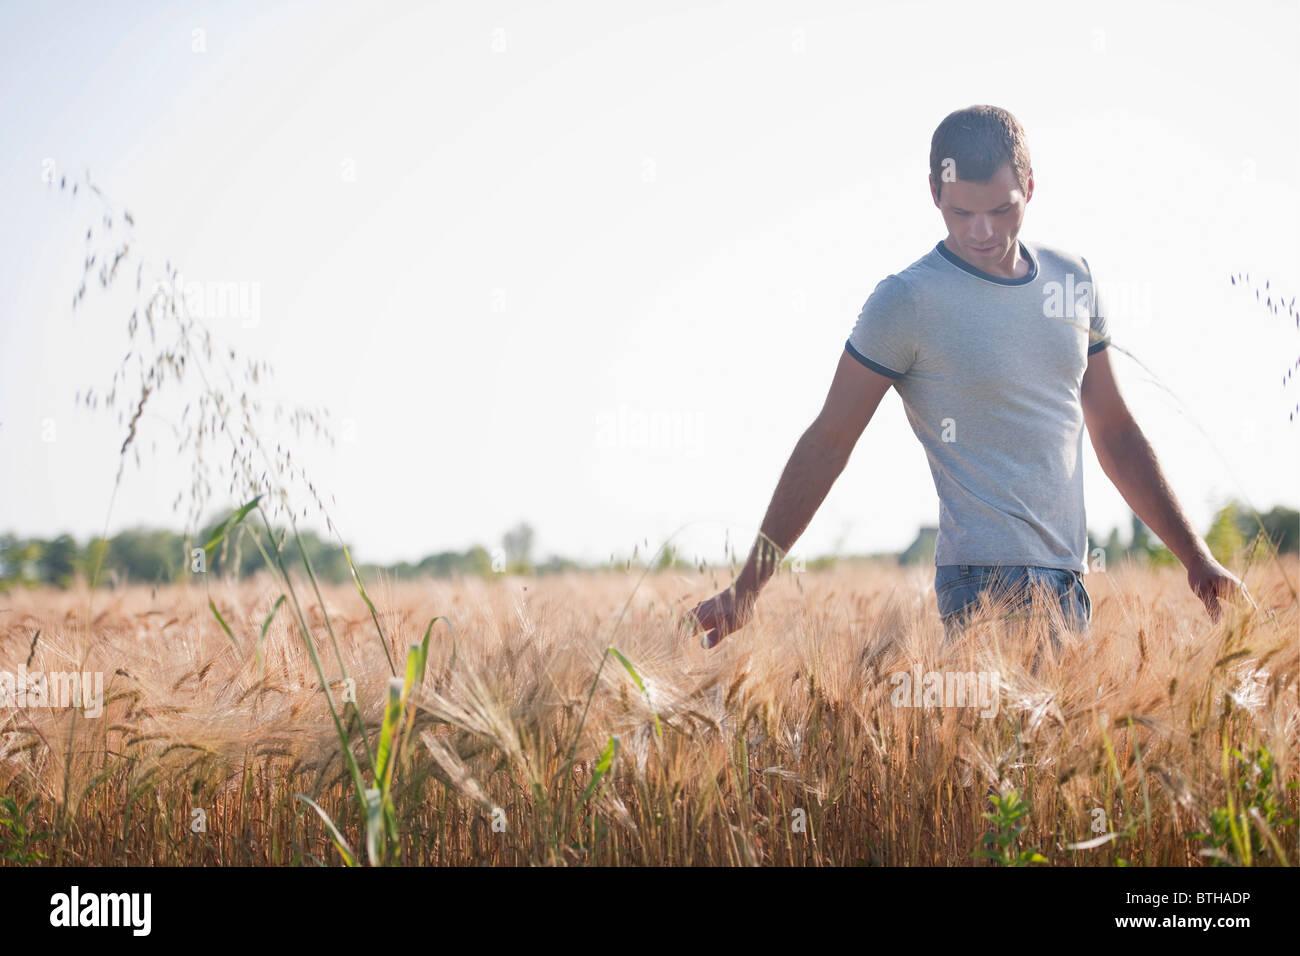 Hombre caminando a través del campo de trigo Foto de stock